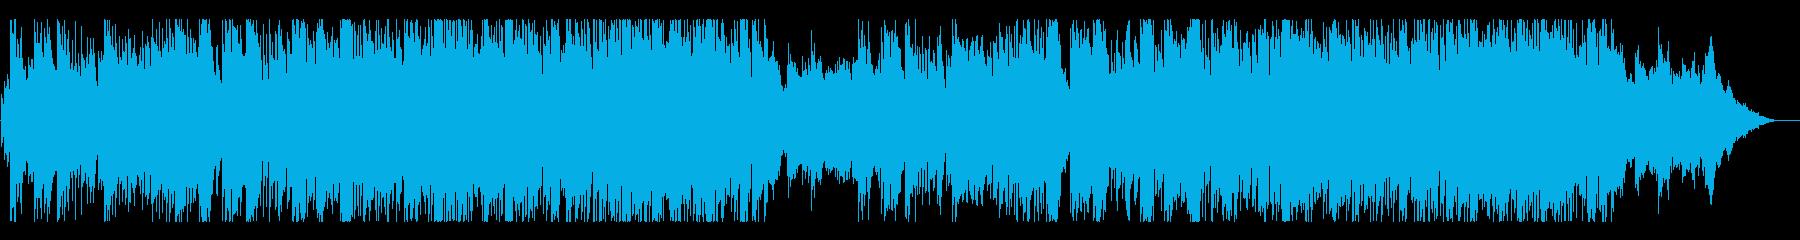 センチメンタルで華やかさのあるBGMの再生済みの波形